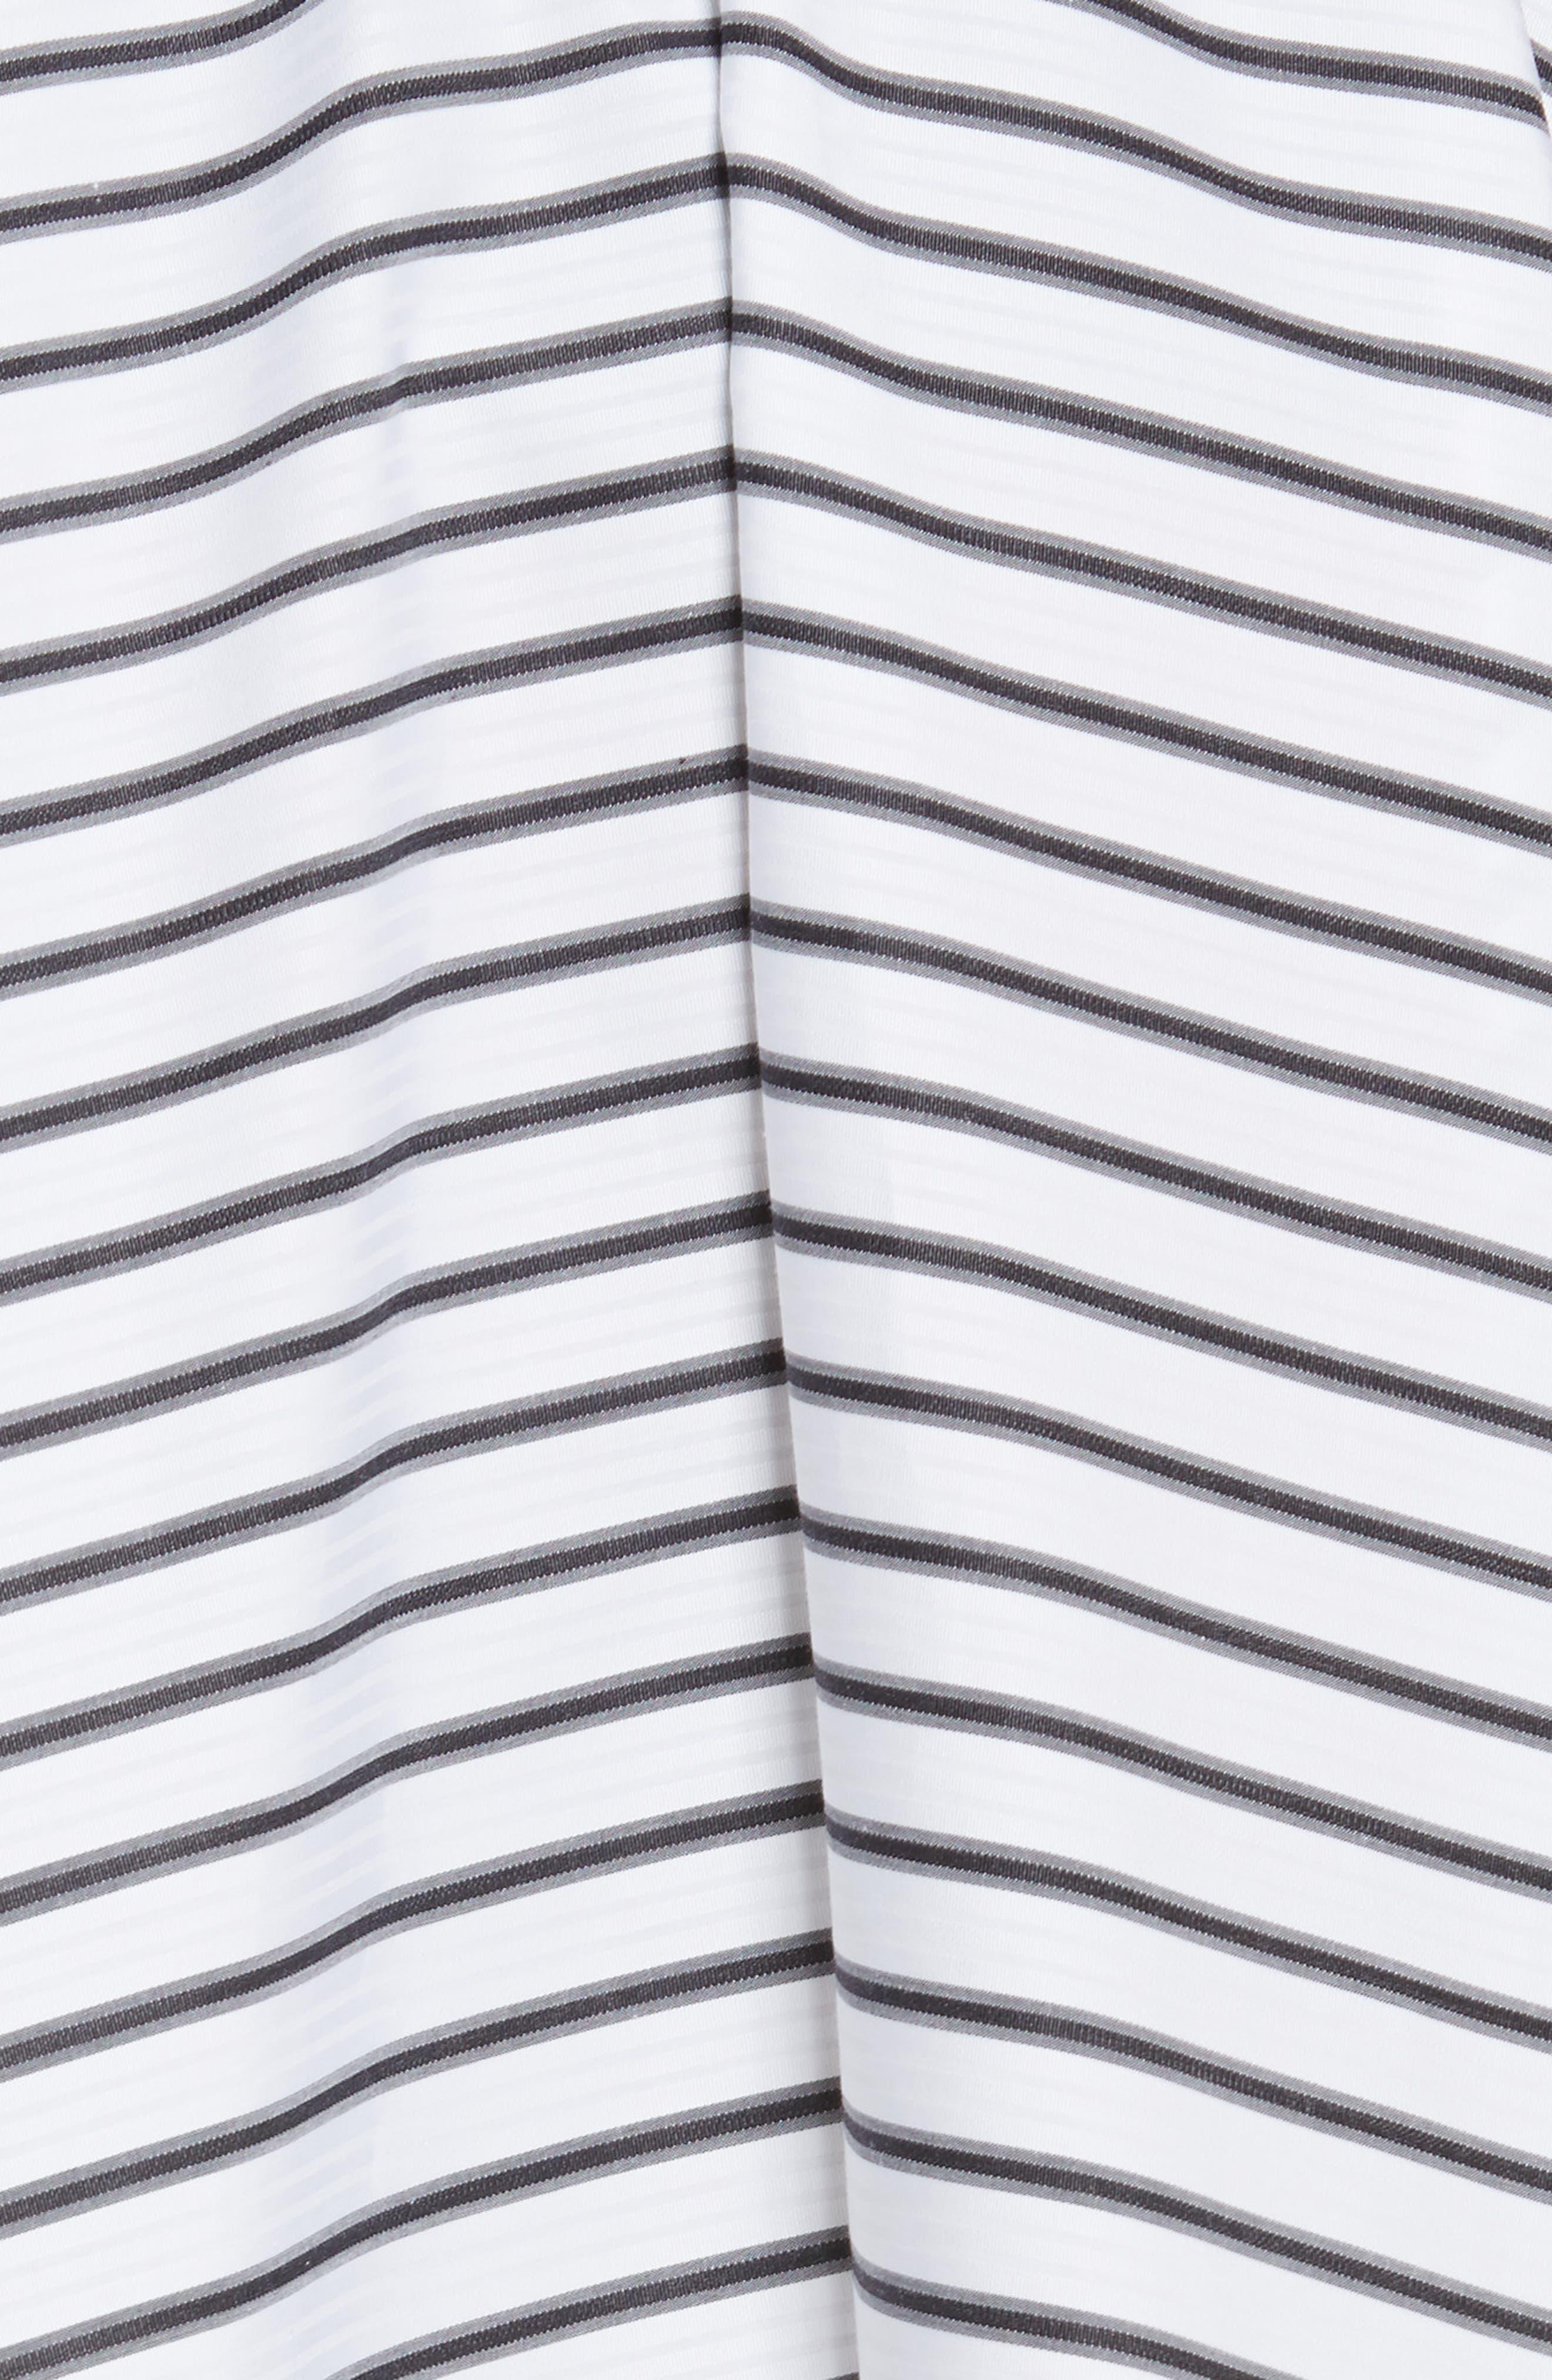 Adelle High/Low Ruffle Skirt,                             Alternate thumbnail 5, color,                             White/ Black